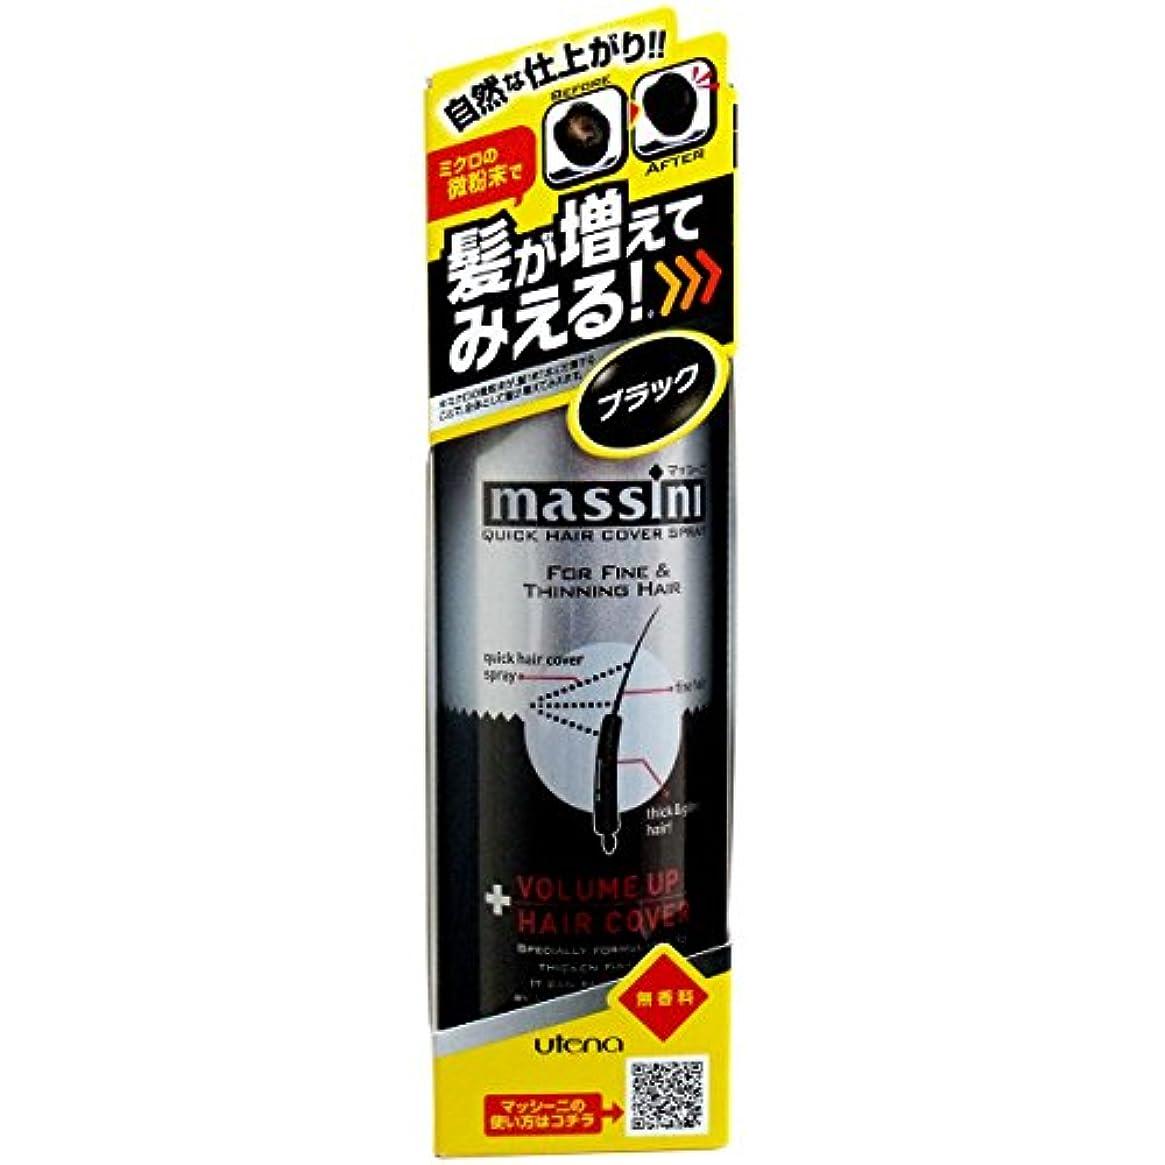 弾薬骨折お酢【ウテナ】マッシーニ クィックヘアカバースプレー(ブラック) 140g ×5個セット